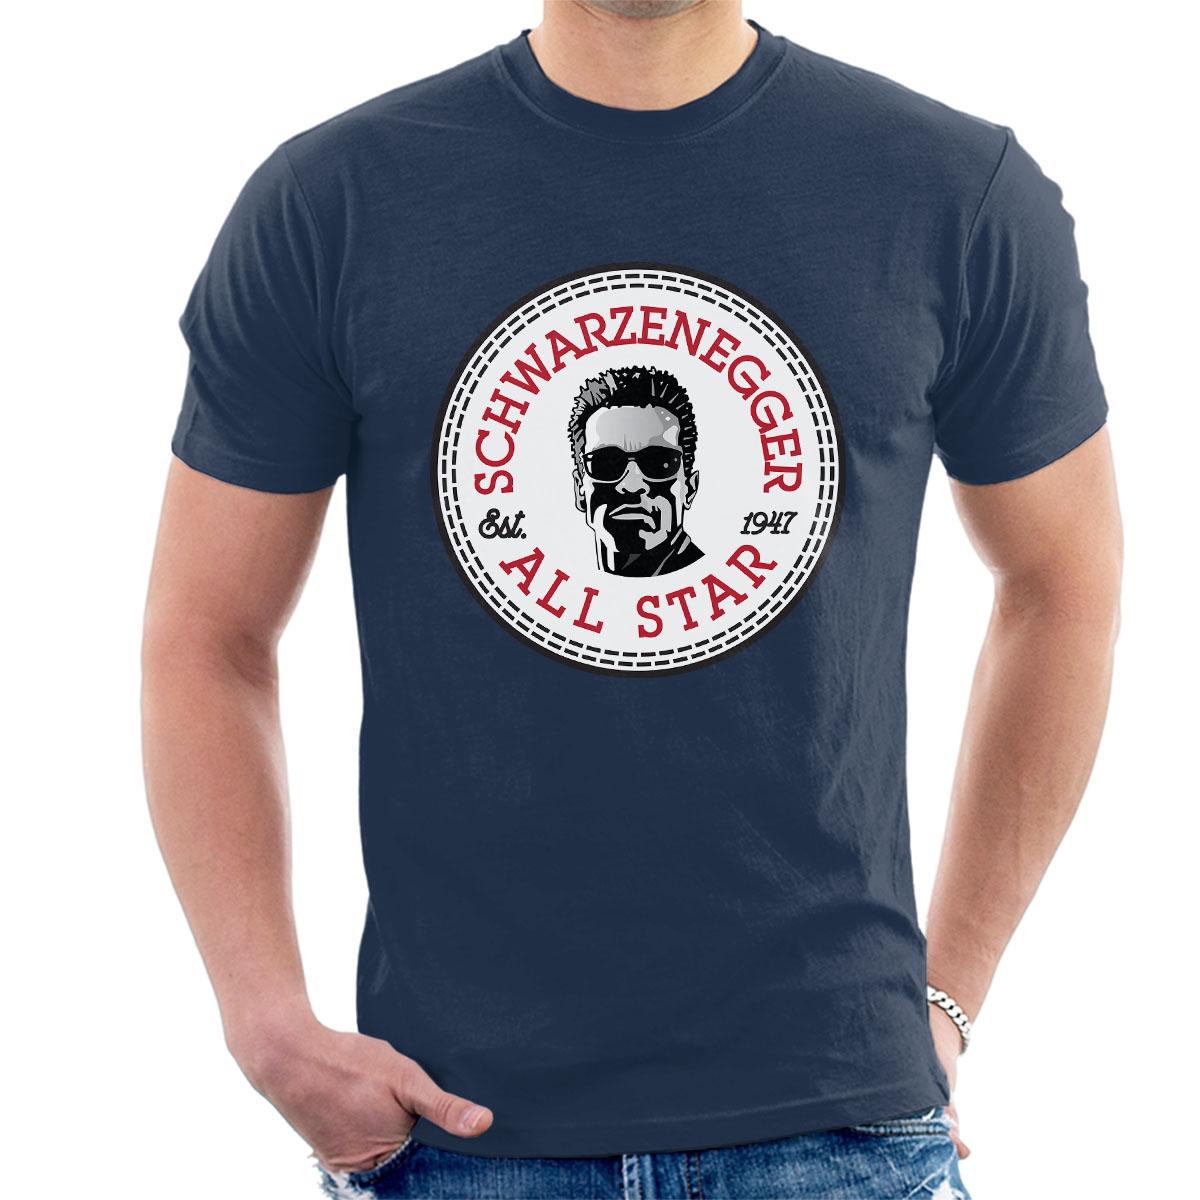 Arnold-Schwarzenegger-All-Star-Converse-Logo-Herren-T-Shirt